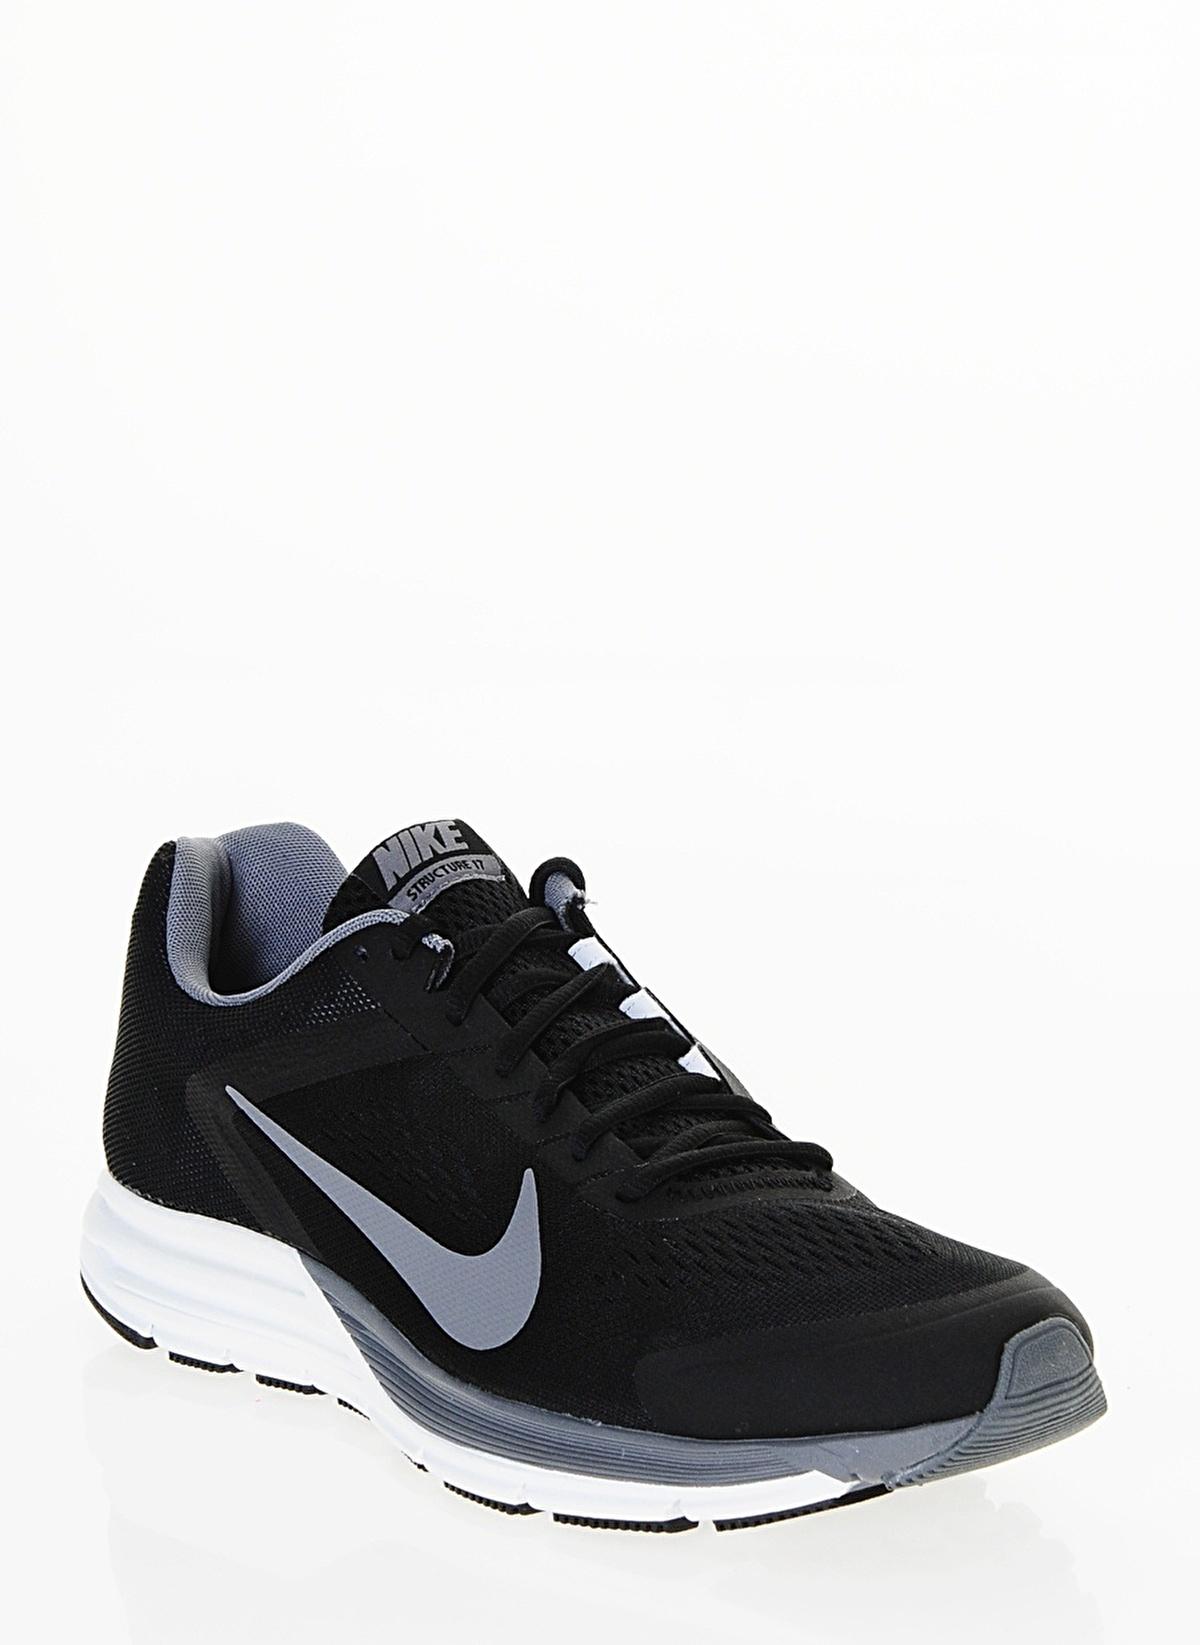 uk availability aeeb6 86f4f 615587-010-Nike-Zoom-Structure+-17